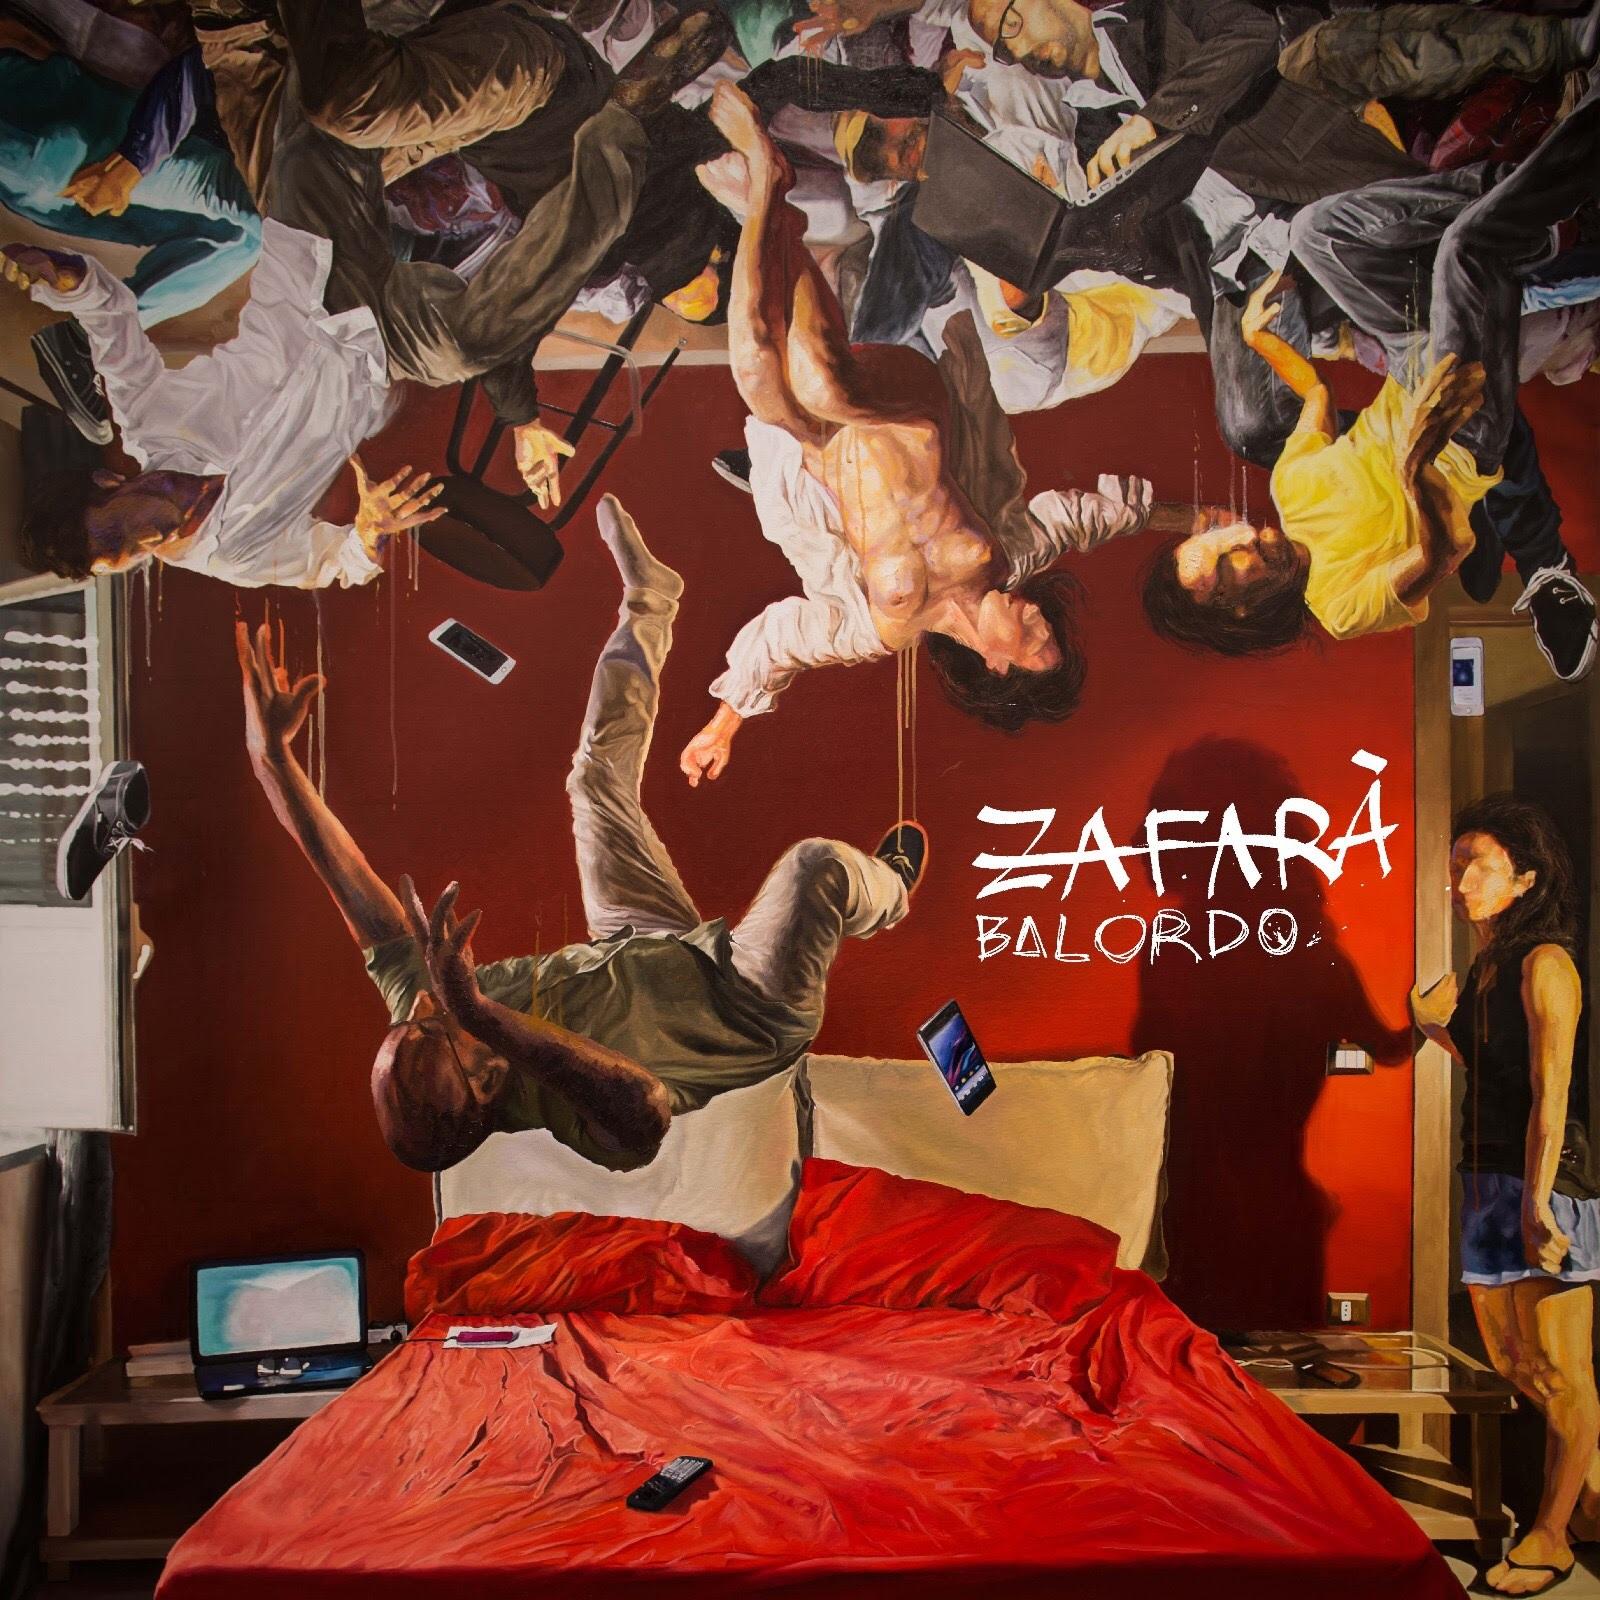 Balordo è il primo album solista del cantautore siciliano Zafarà